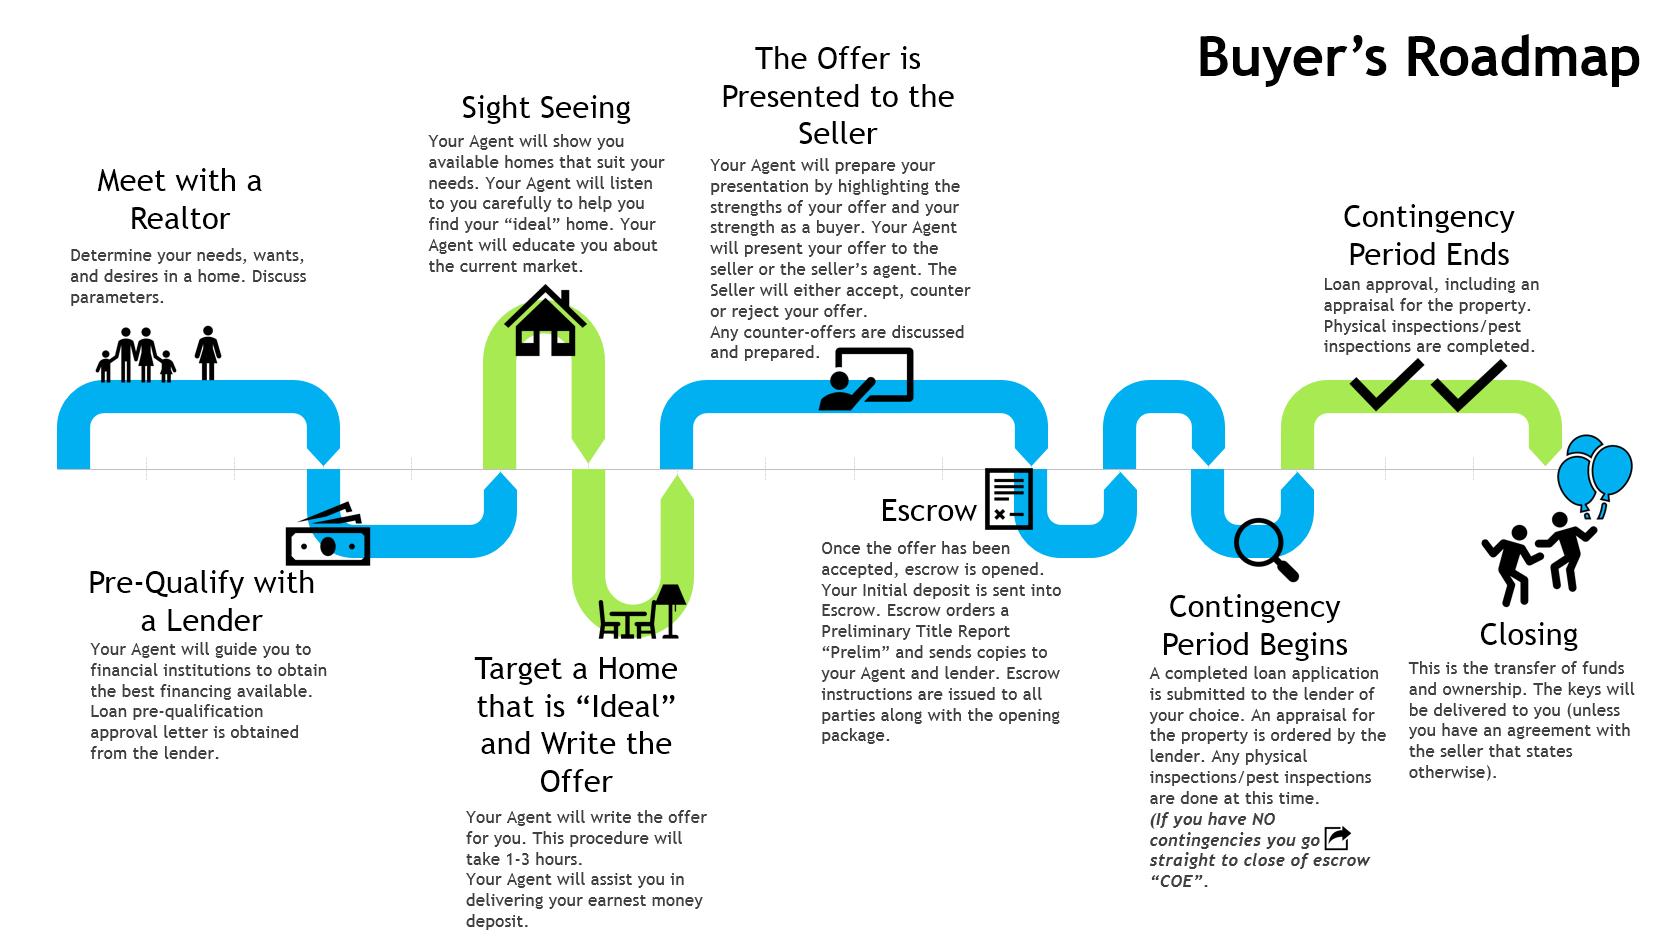 Buyer's roadmap